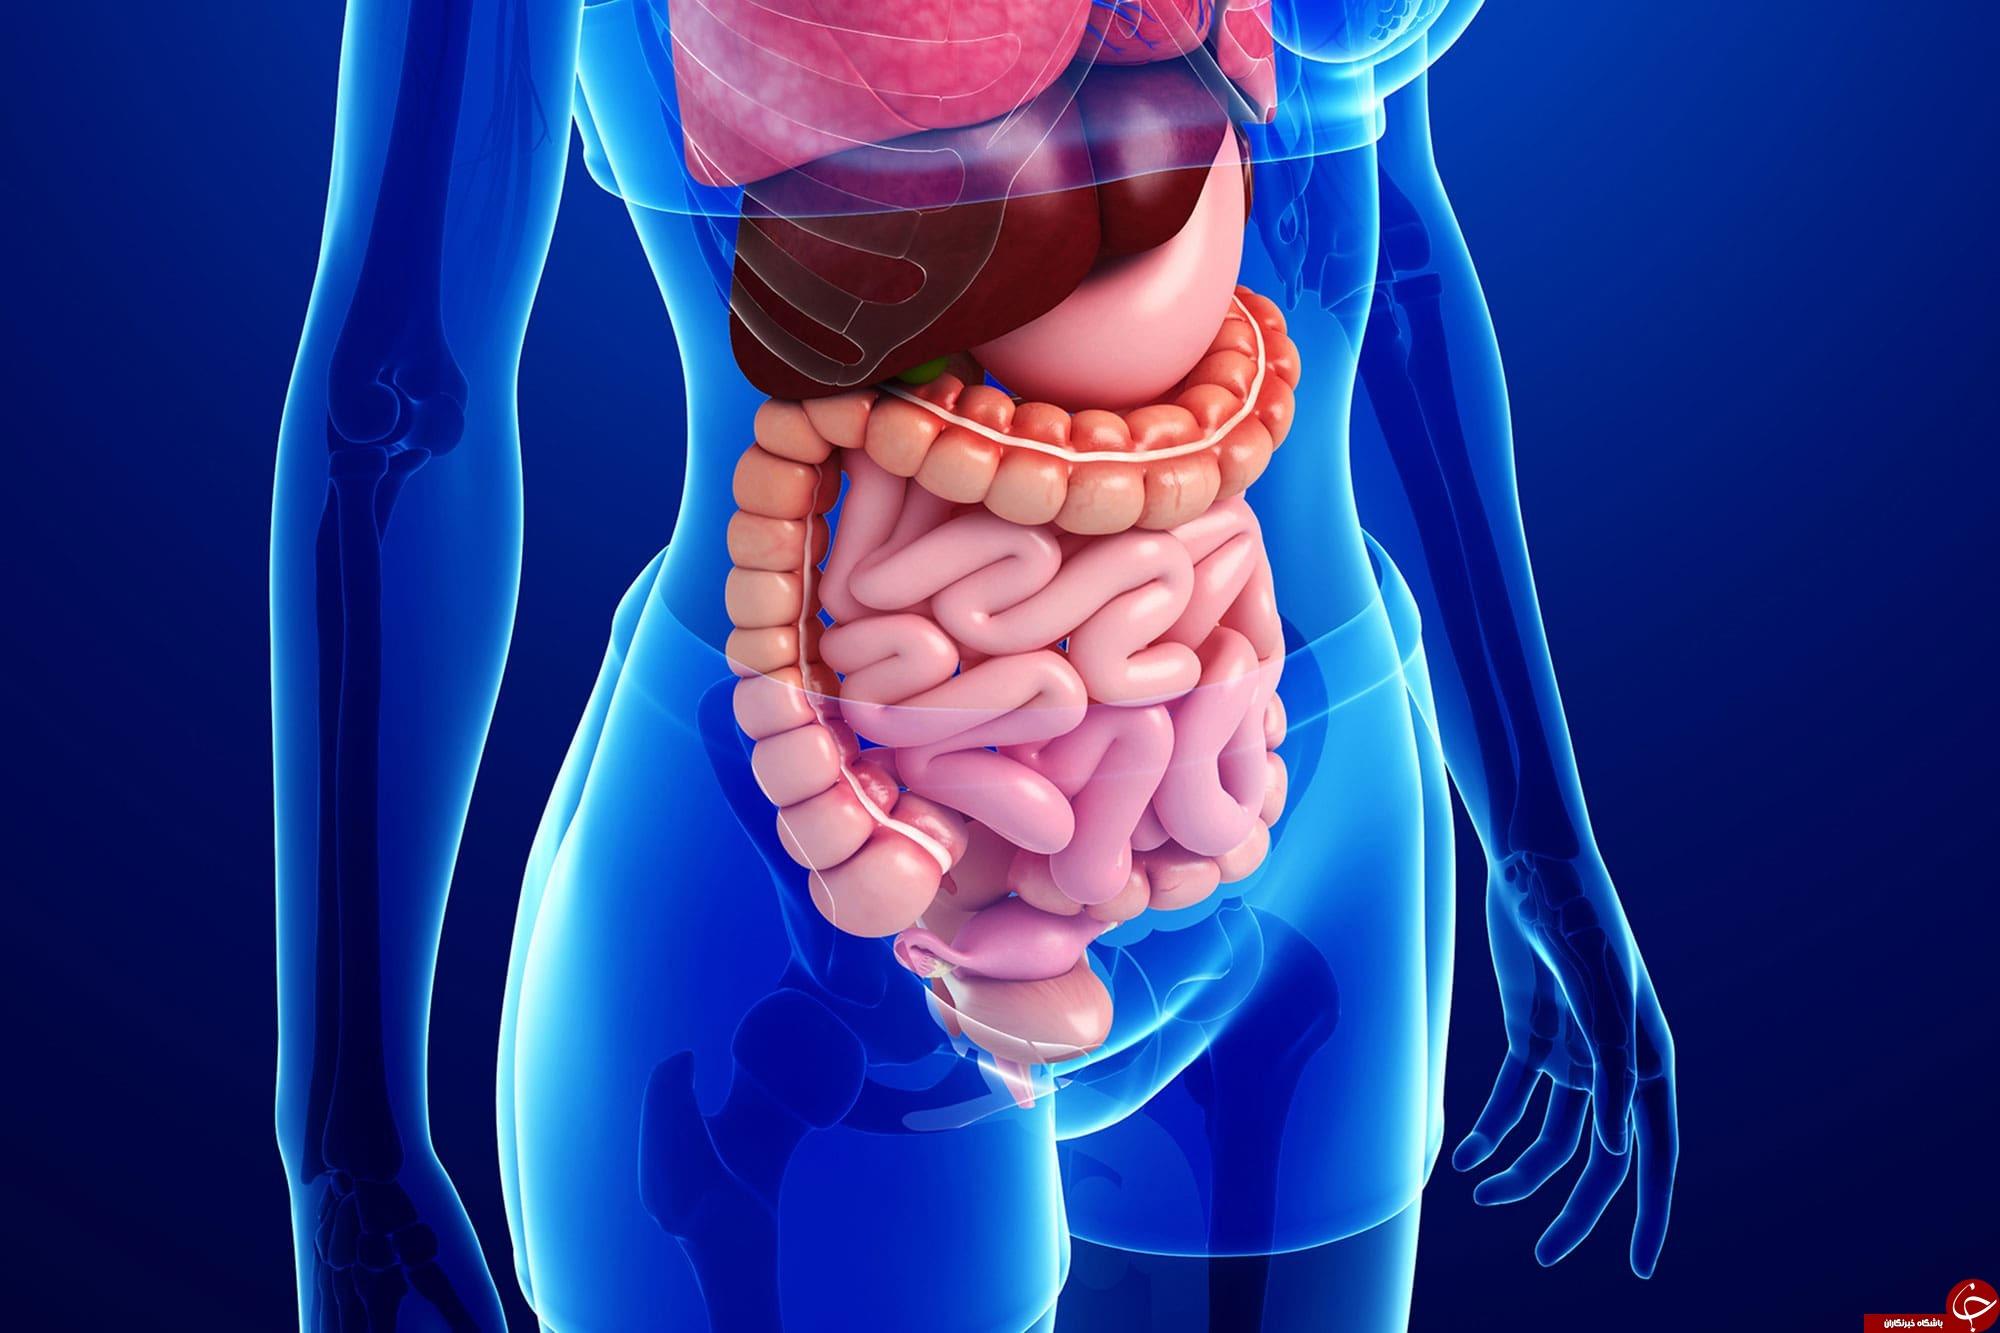 آیا سلامتی انسان از روده وی آغاز میشود؟! + بررسی تاثیر سلامت دستگاه گوارش بر روی بدن